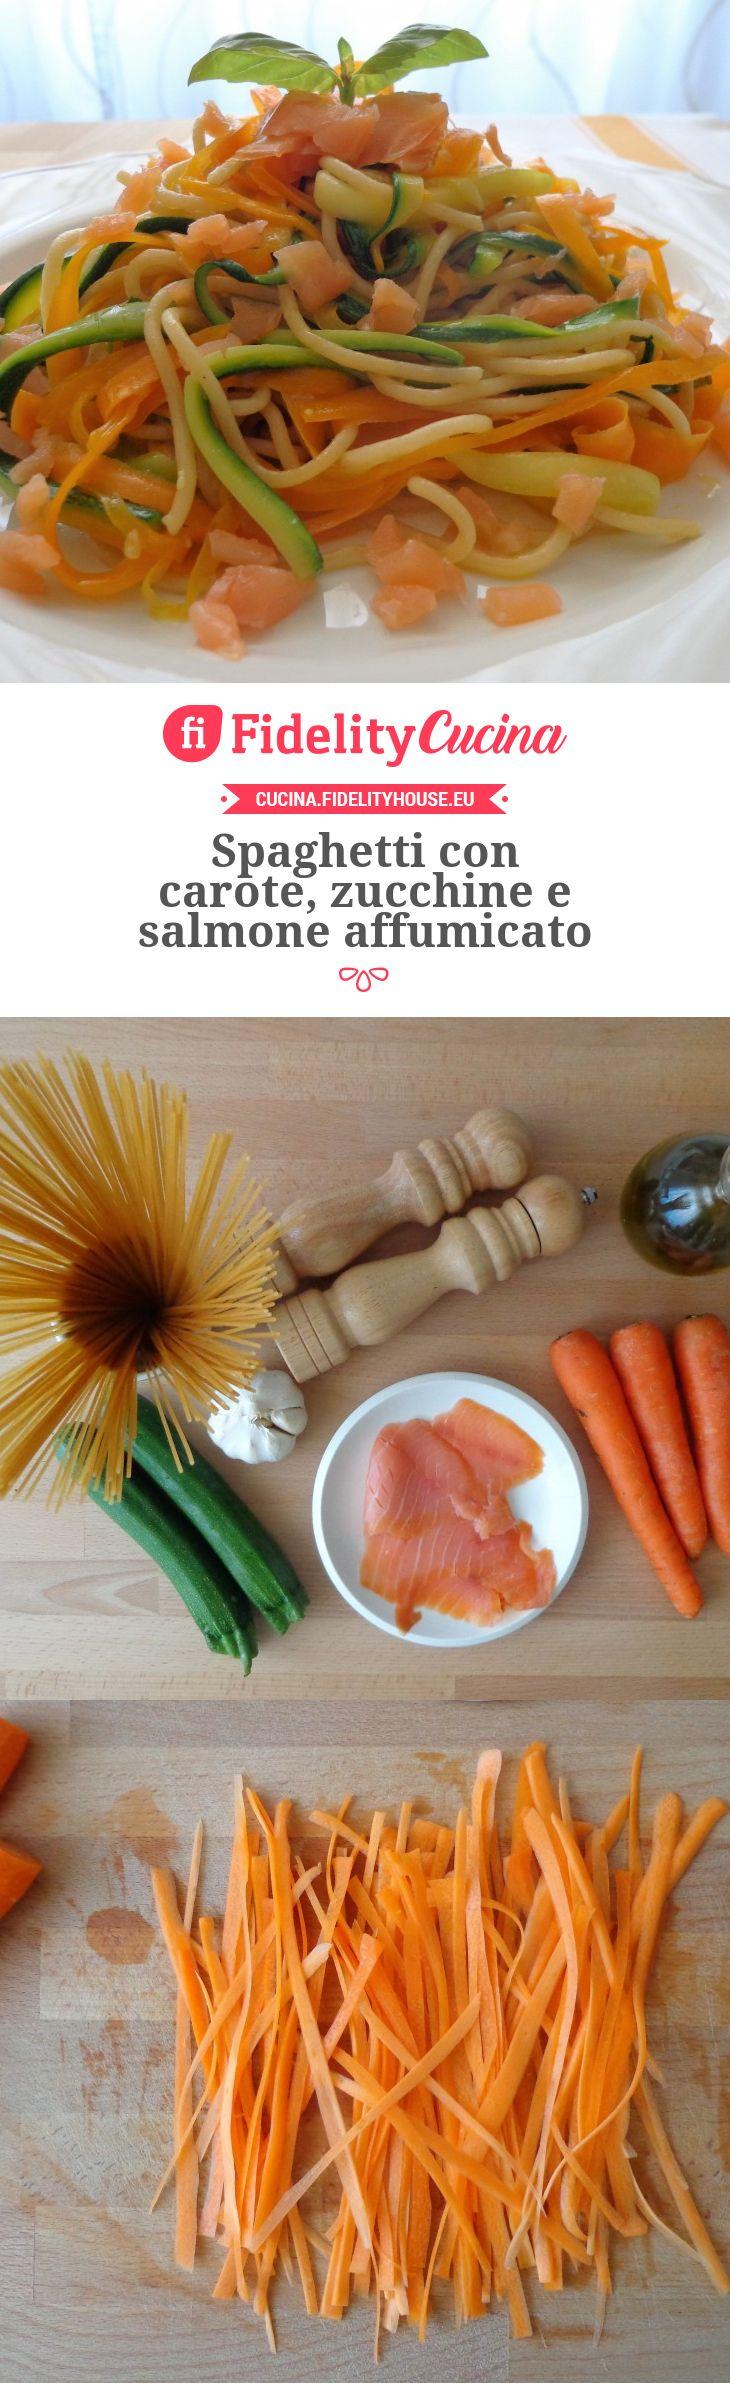 Spaghetti con carote, zucchine e salmone affumicato